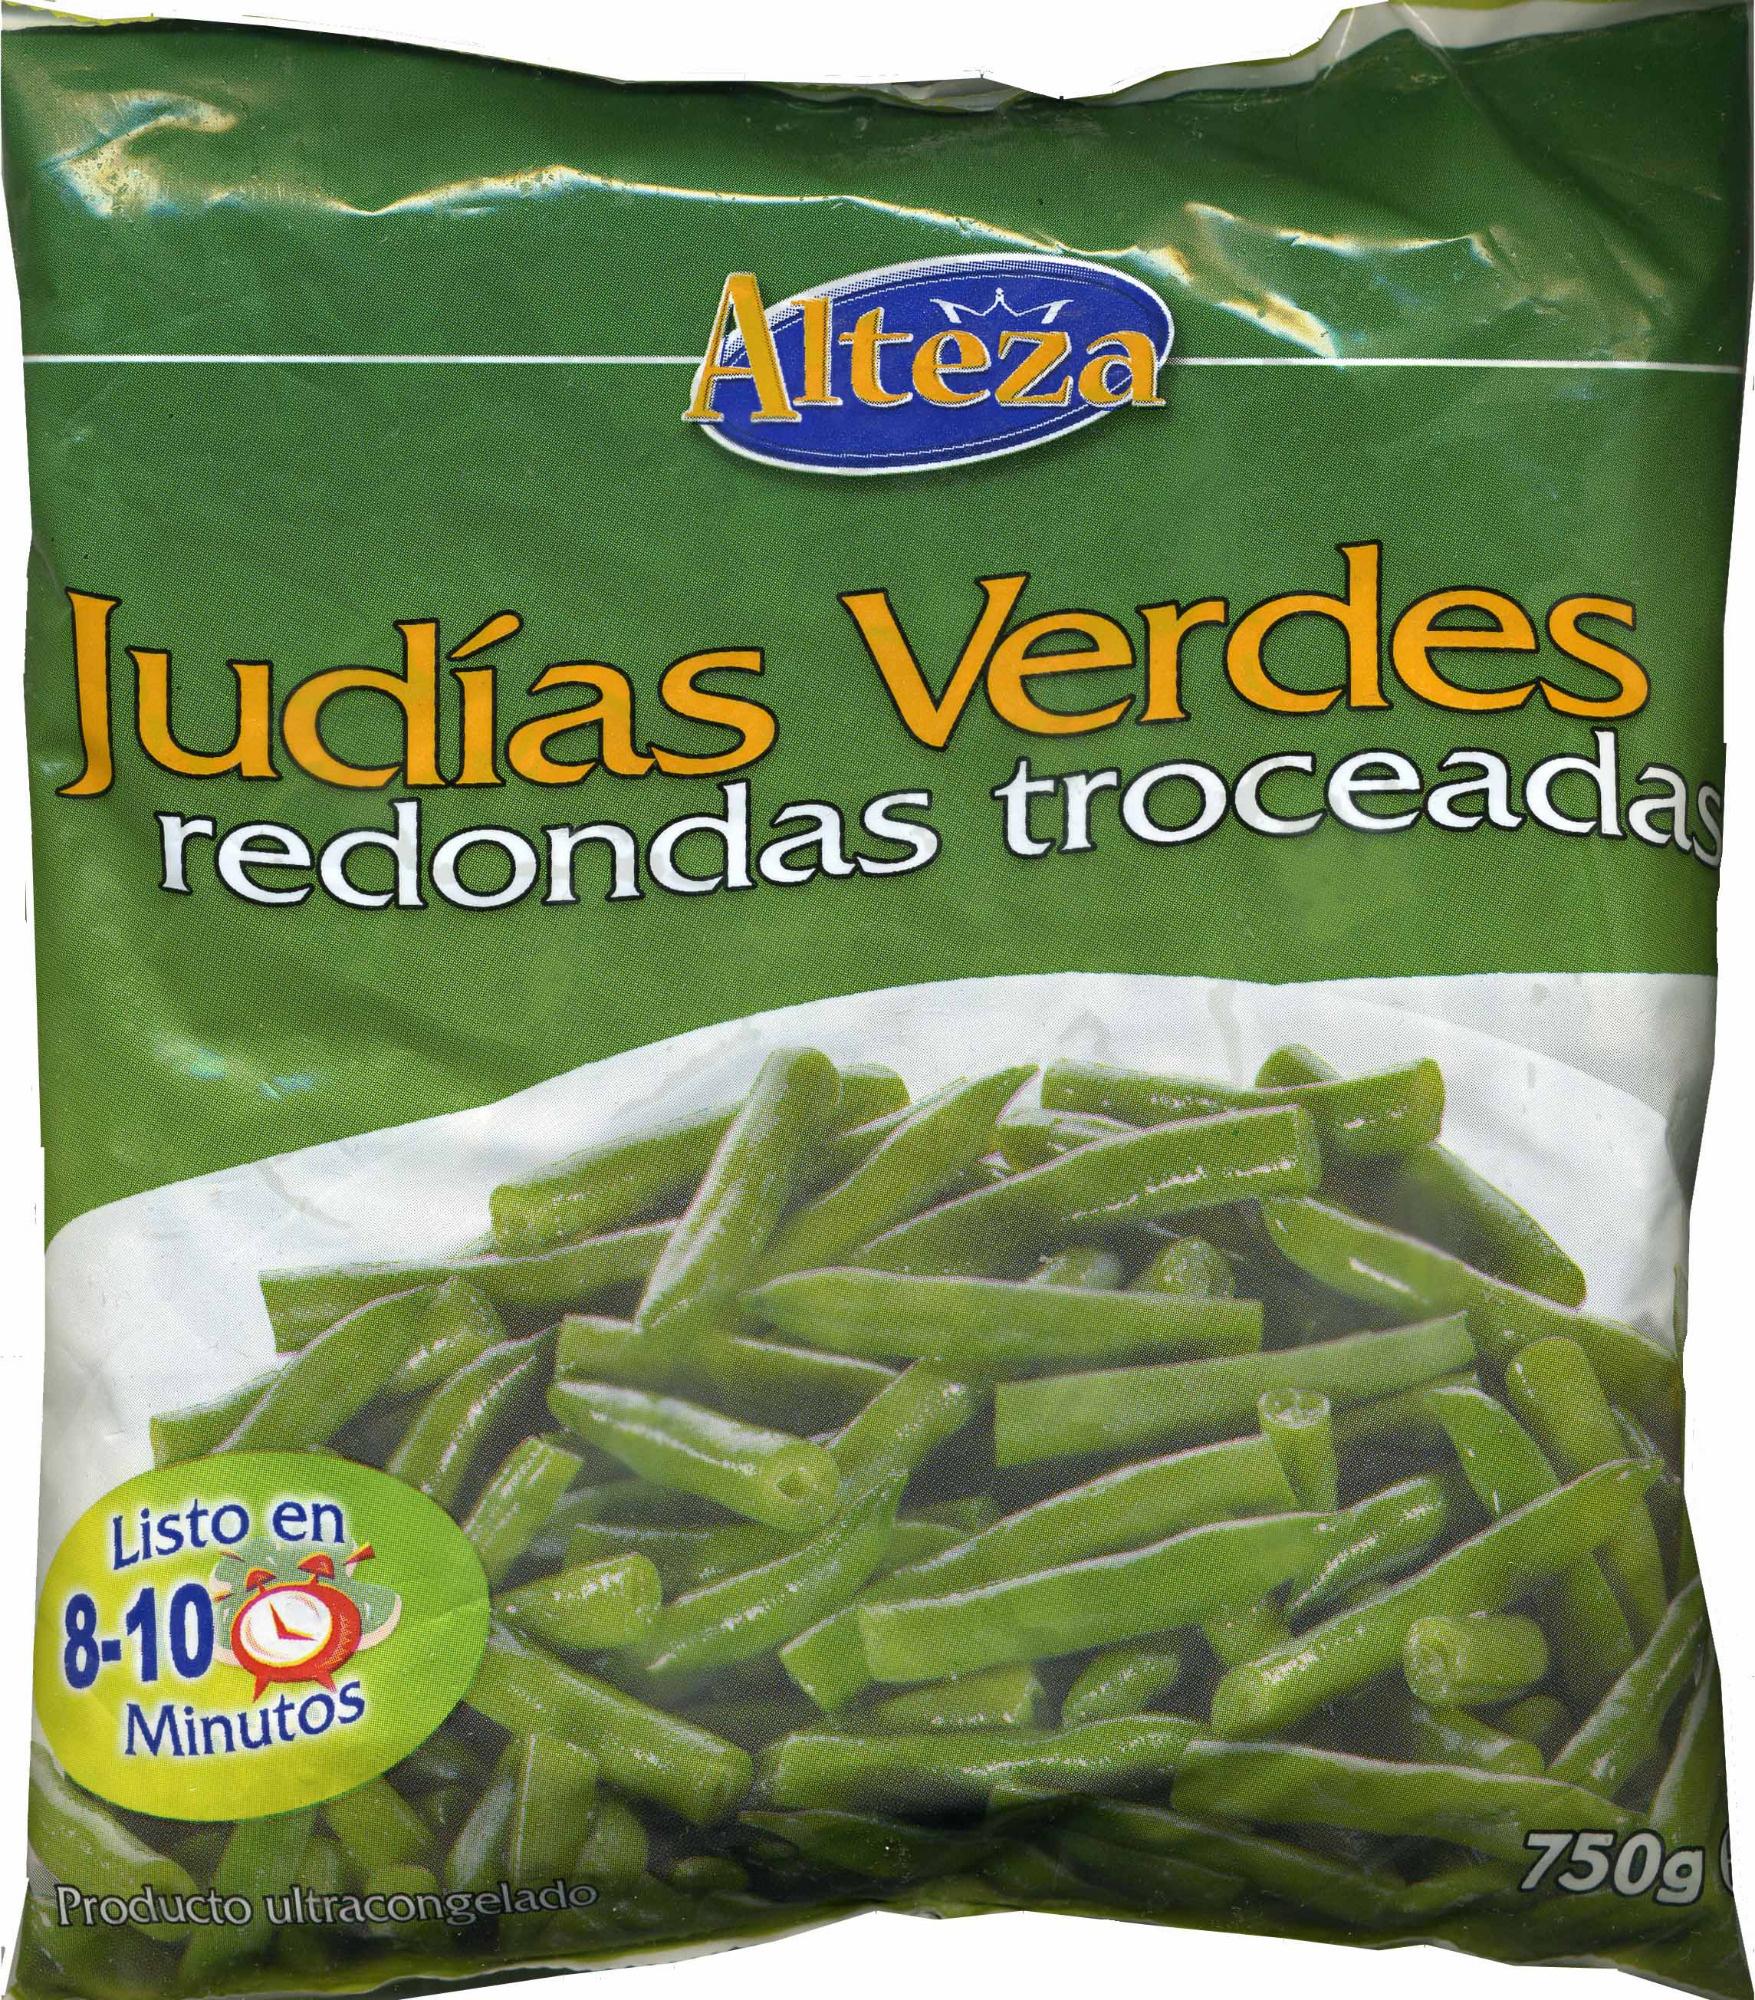 """Judías verdes redondas troceadas congeladas """"Alteza"""" - Produit - es"""